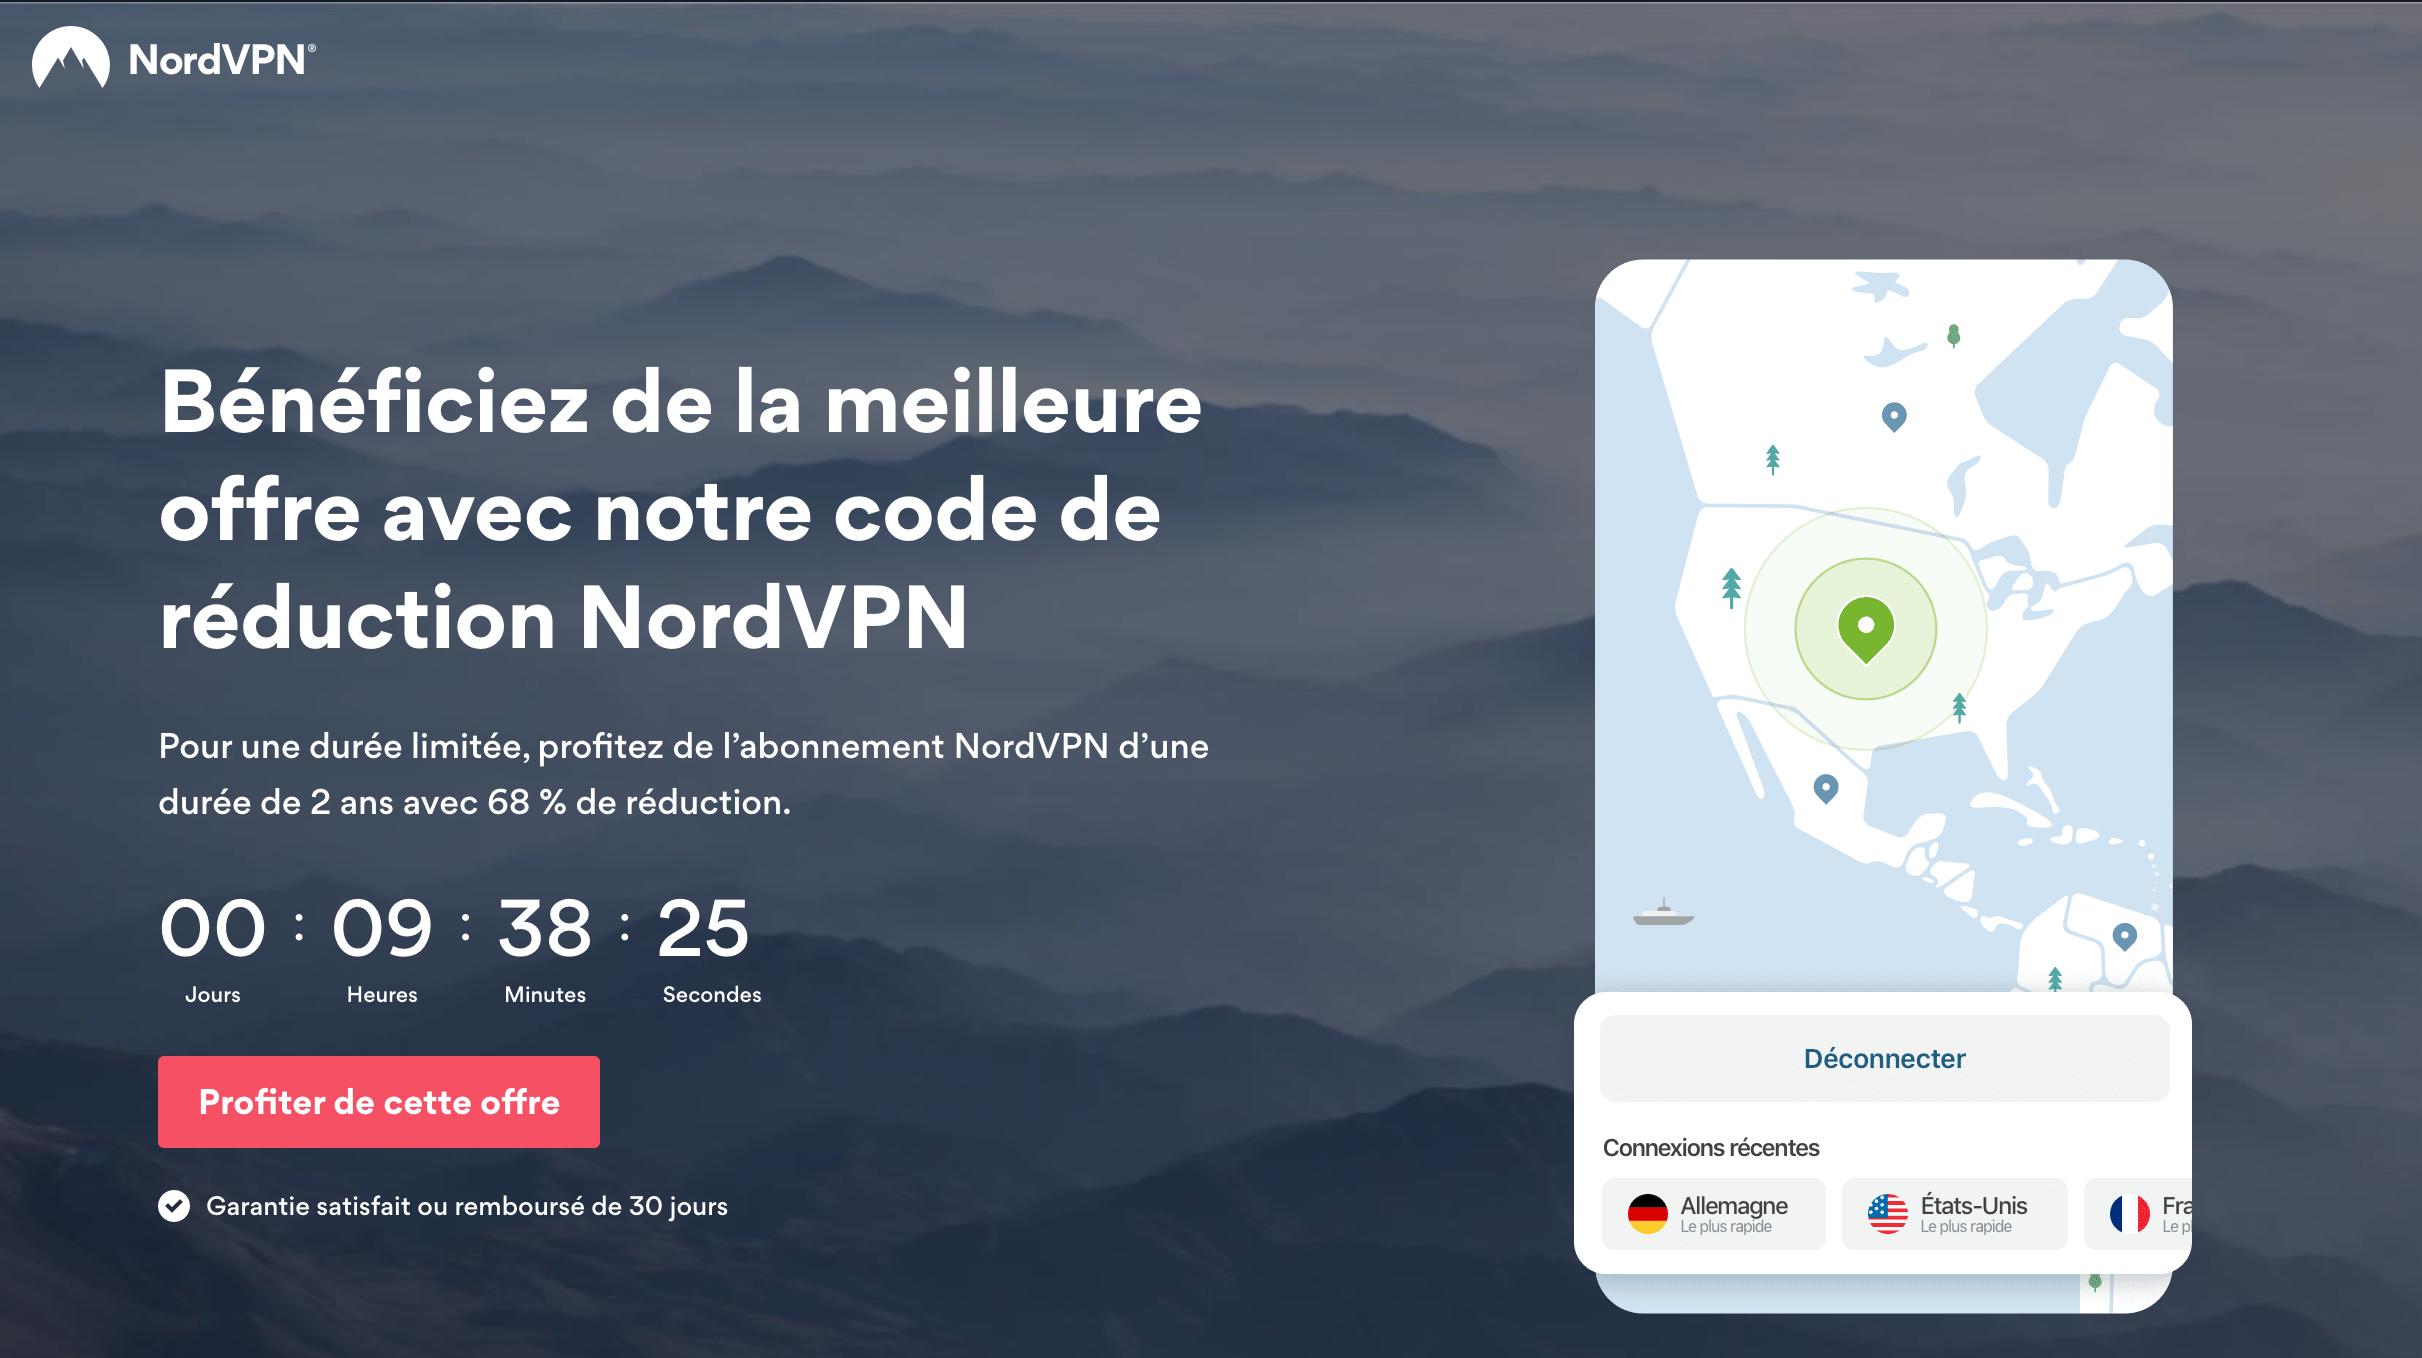 NordVPN à -68% grâce au code promo tipsfromgeeks